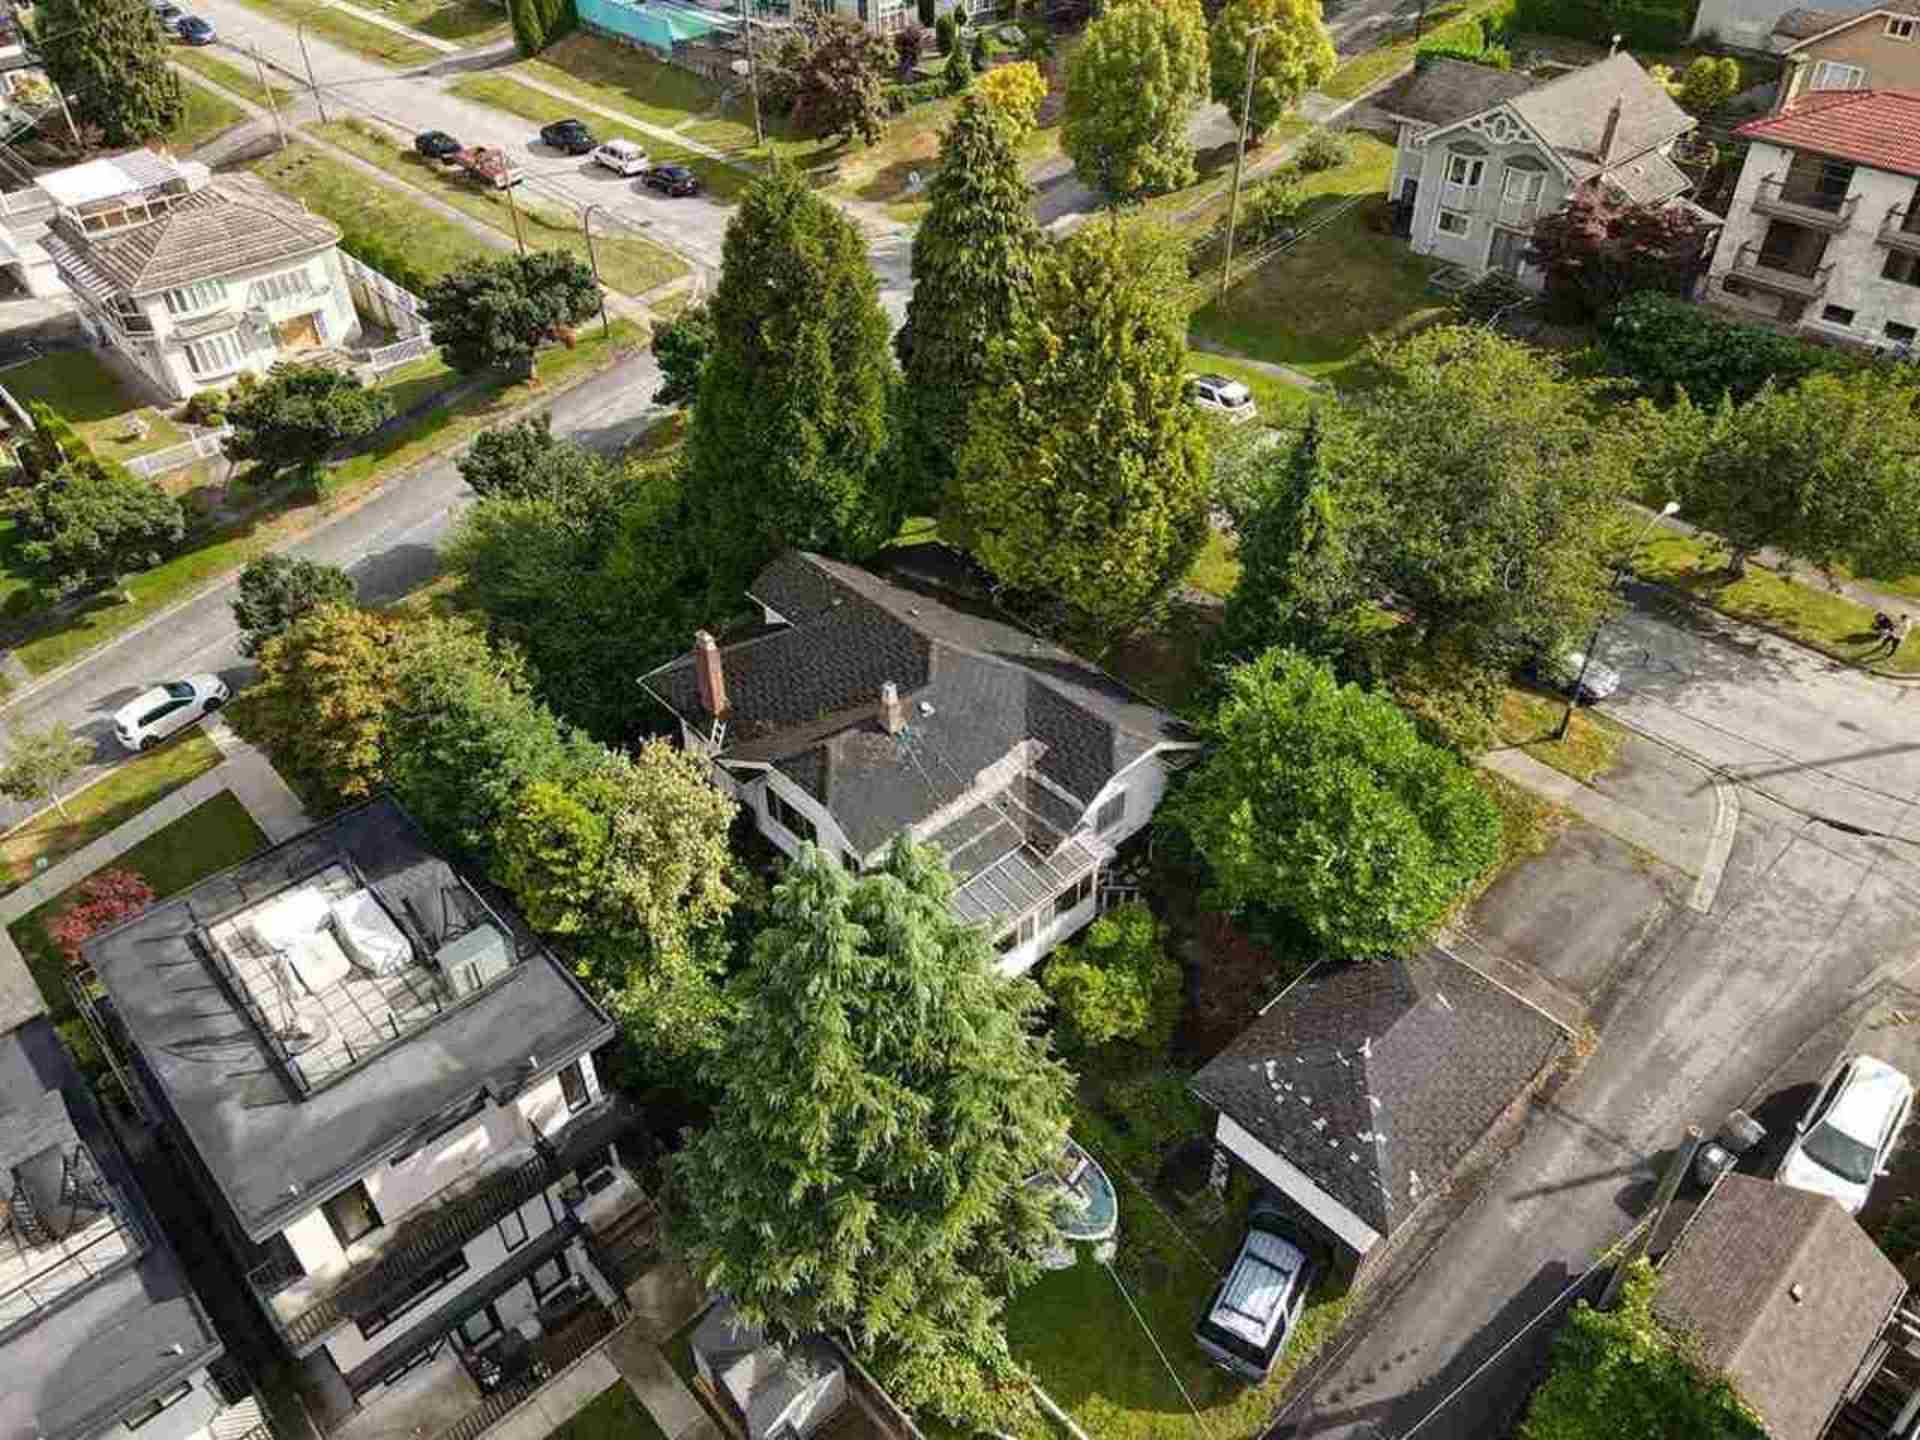 375-n-kootenay-street-hastings-vancouver-east-09 at 375 N Kootenay Street, Hastings, Vancouver East